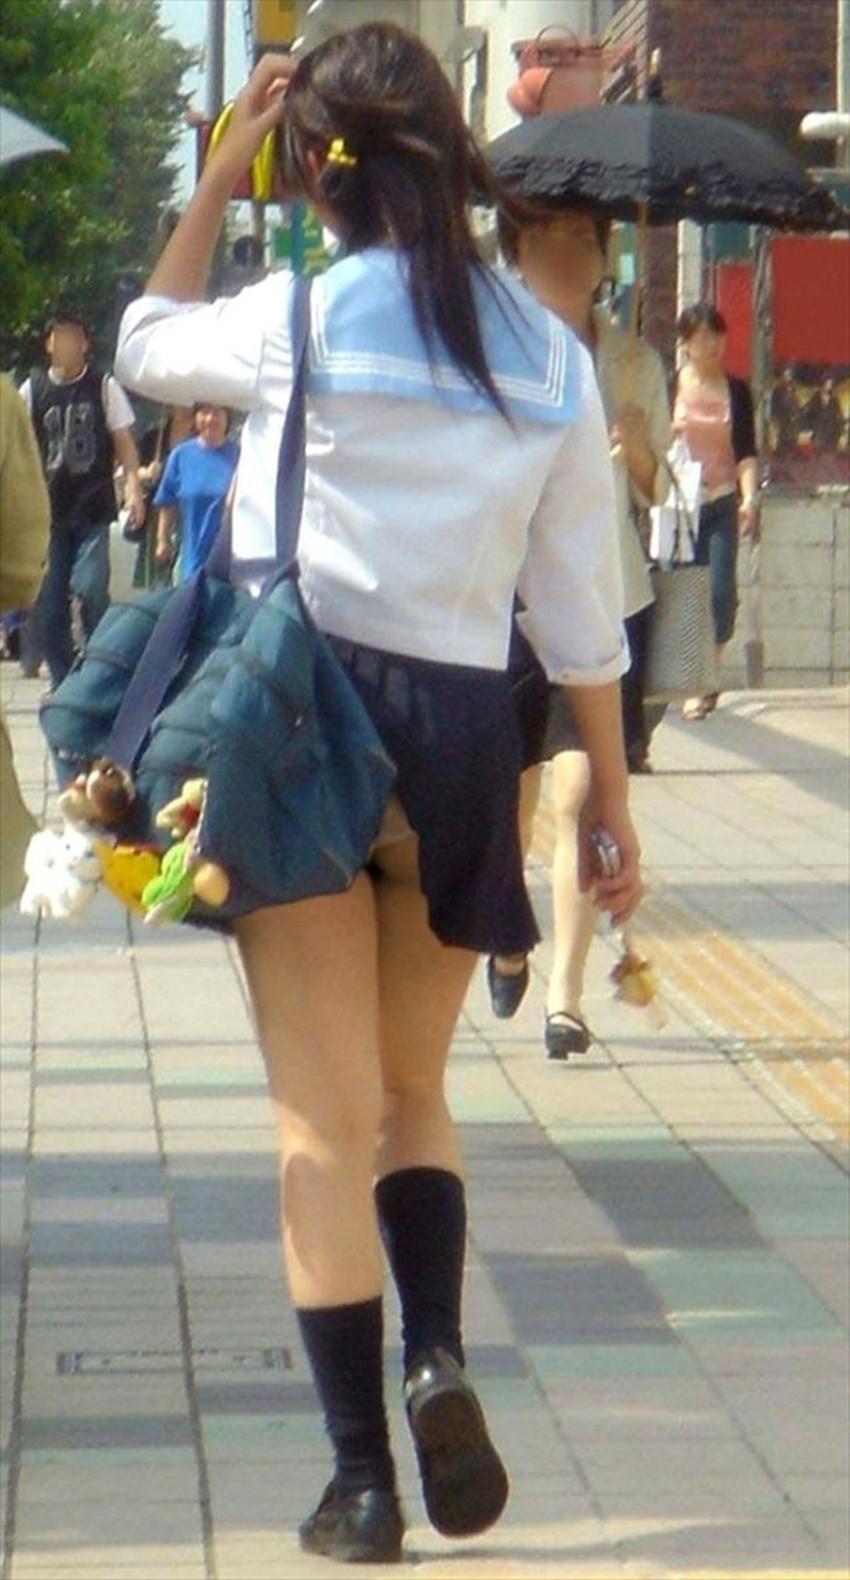 【巻き込みスカートエロ画像】制服JKやミニスカ女子達がトイレ後パンティーやバッグにスカート巻き込んで素人パンティー丸見え状態な巻き込みスカートのエロ画像集ww【80枚】 58